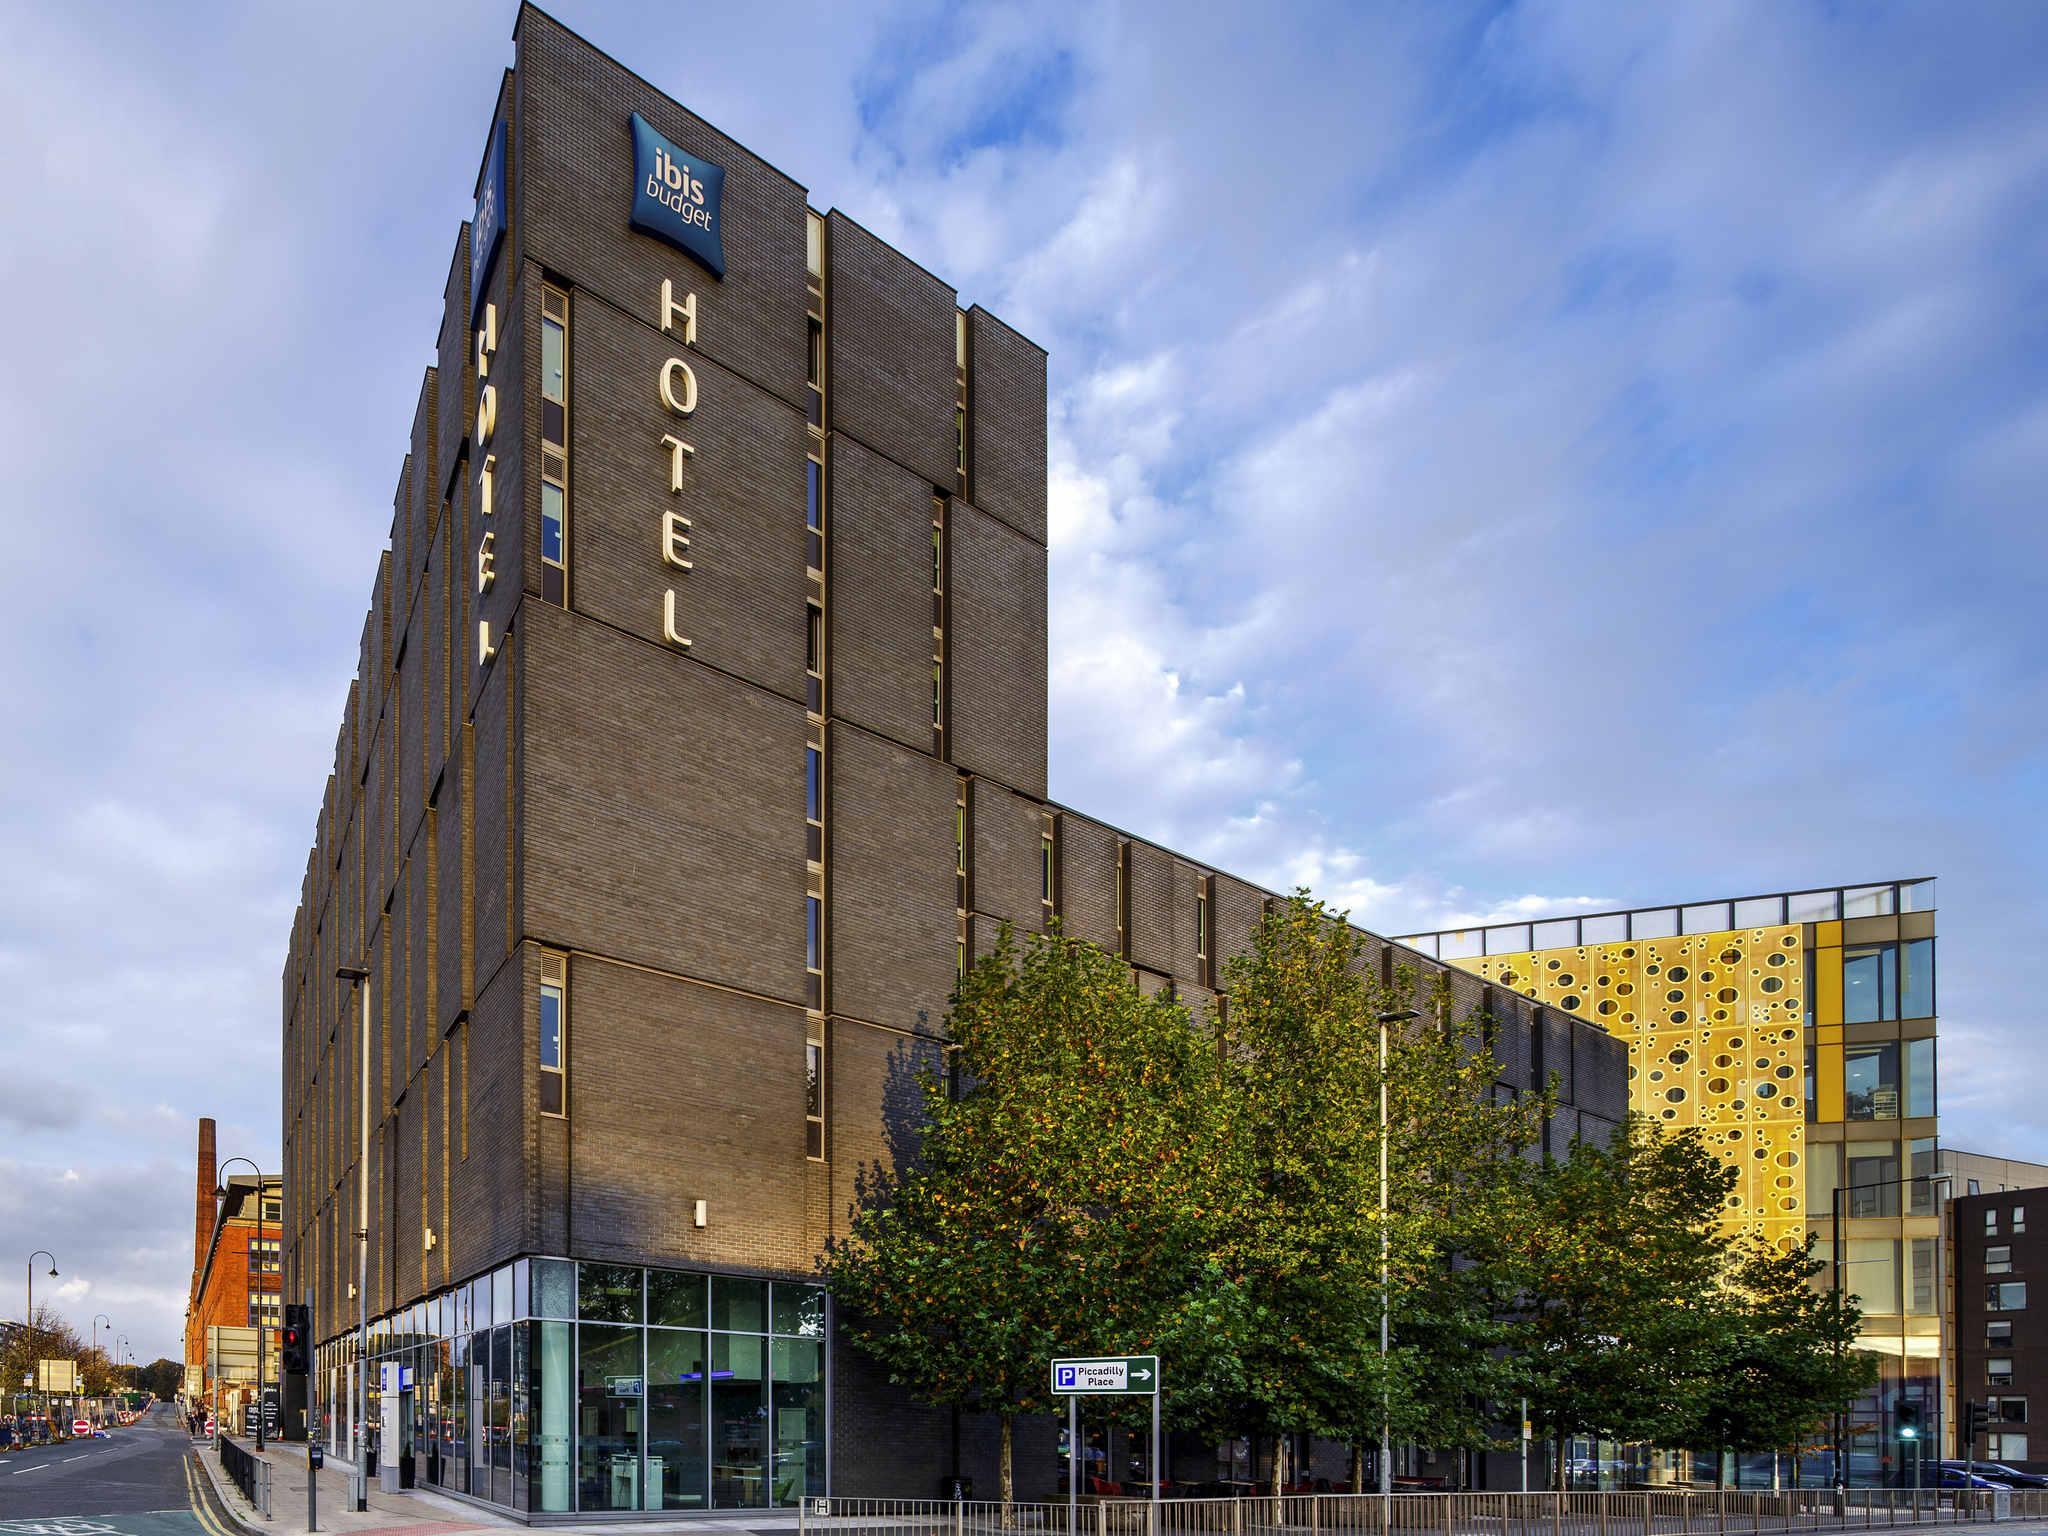 Hotell – ibis budget Manchester Centre Pollard Street